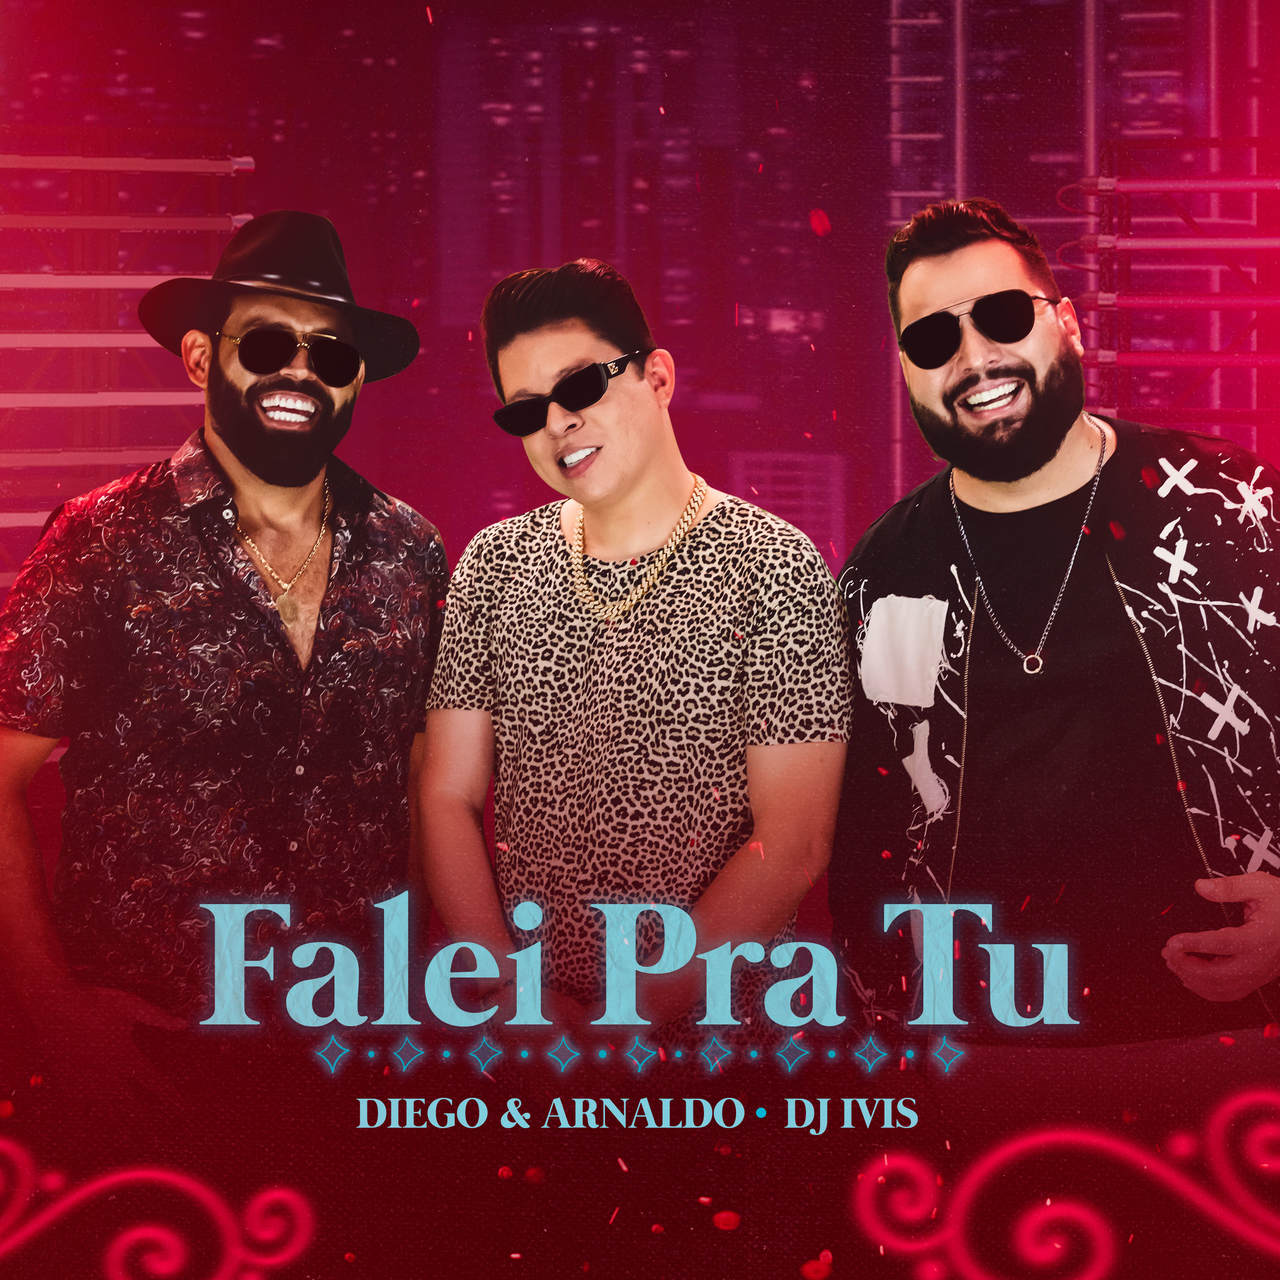 Diego e Arnaldo lançam novo single com participação de DJ Ivis 41